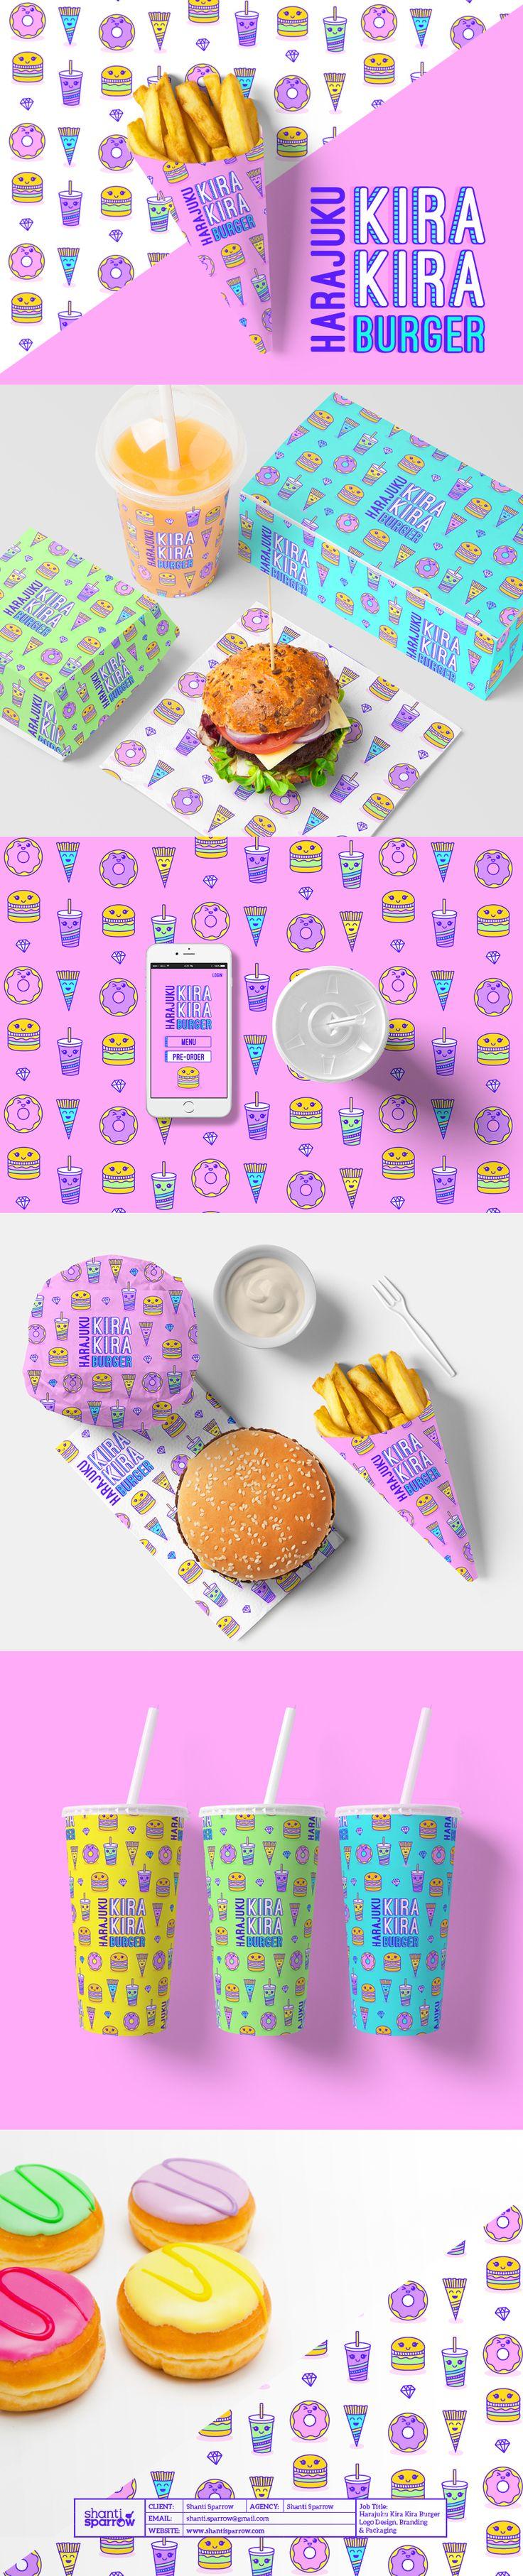 Harajuku Kira Kira Burger – Logo, Branding & Packaging on Behance